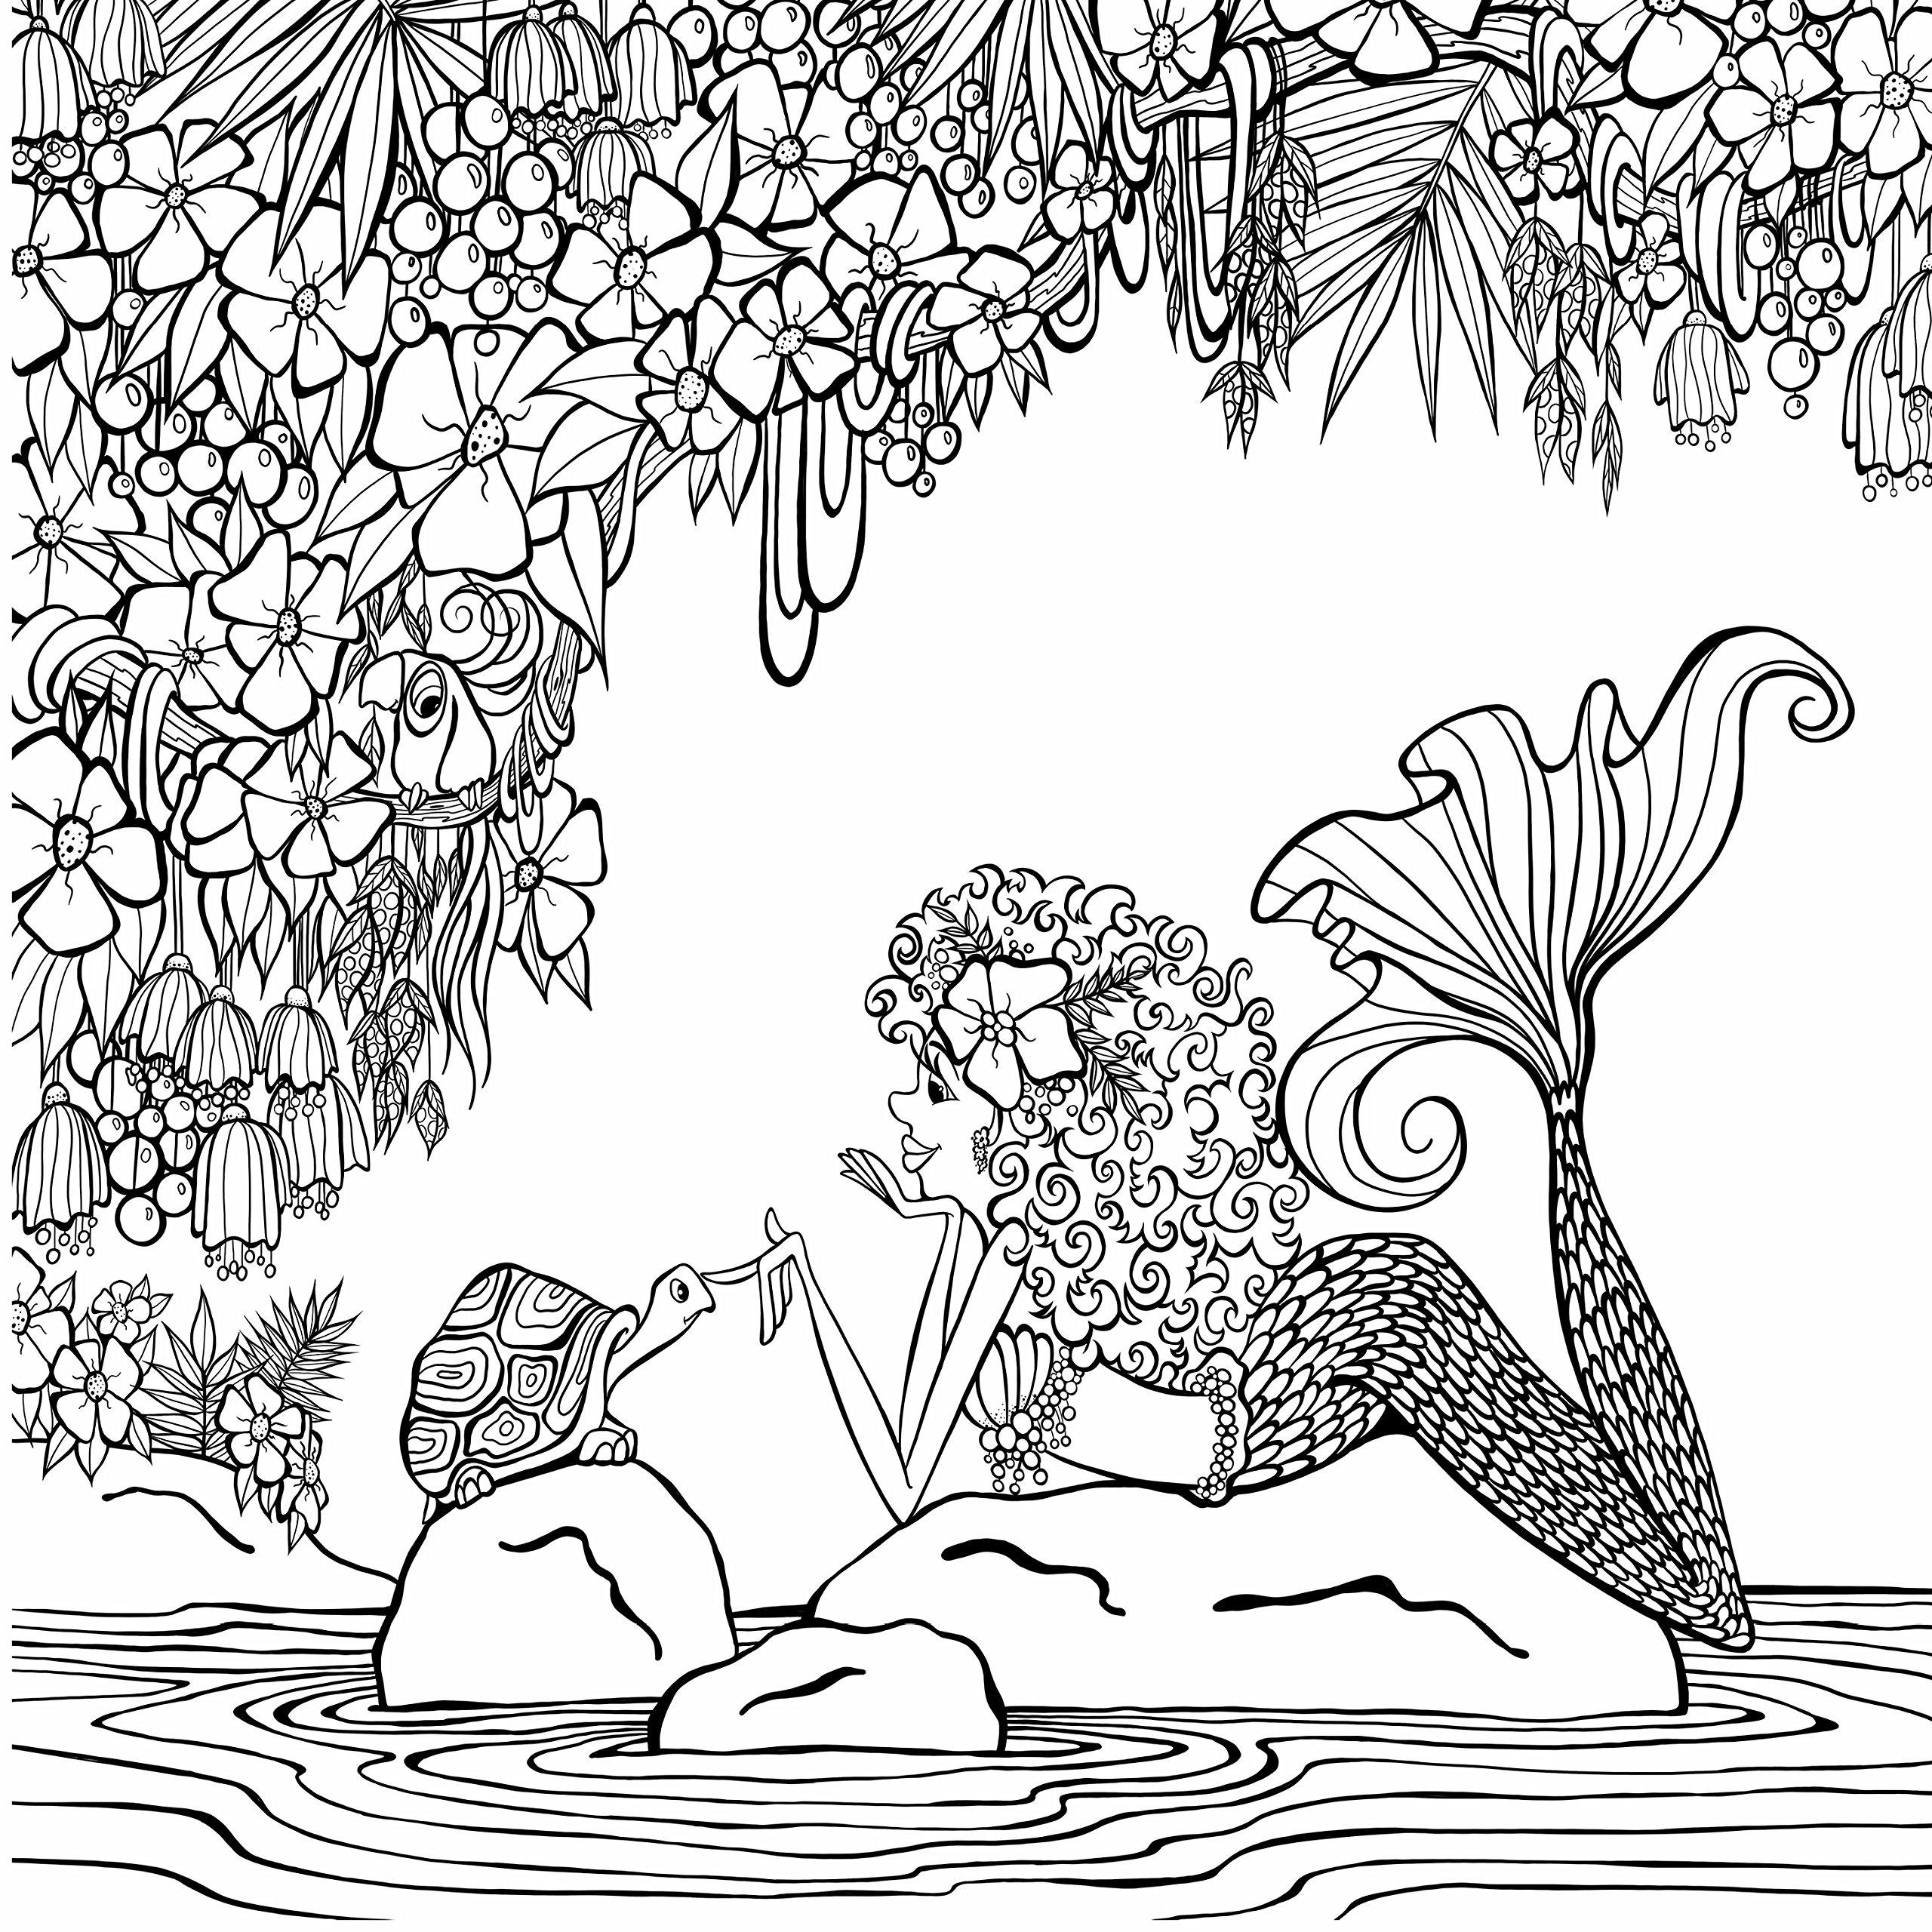 Funny mermaid on the rocks